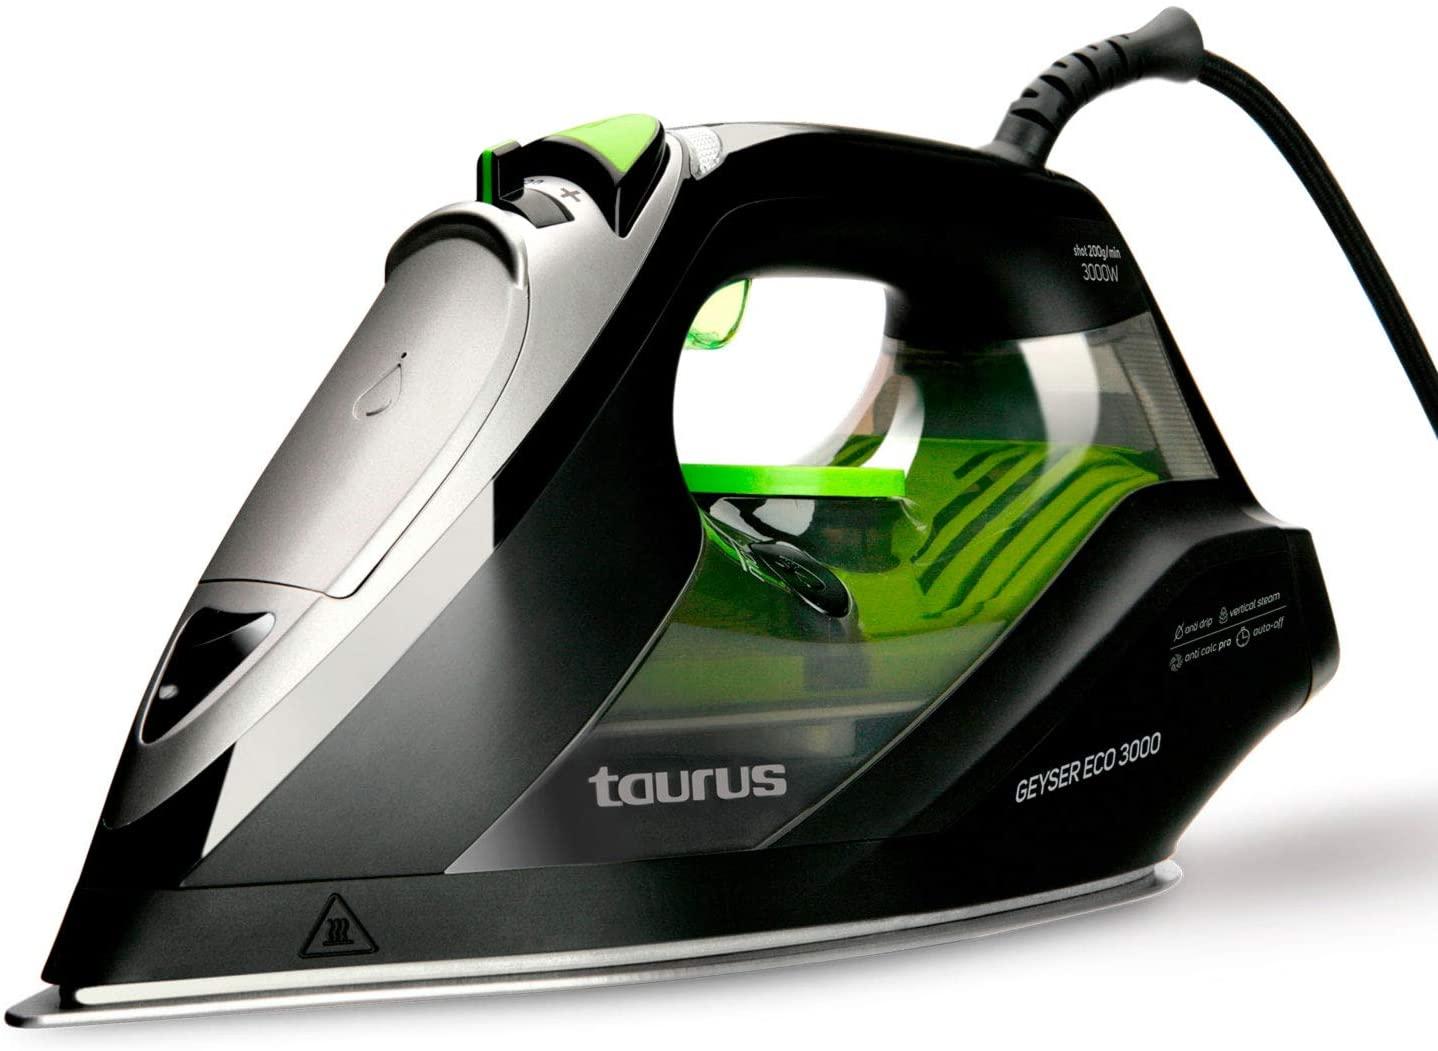 Plancha Taurus Geyser Eco 3000